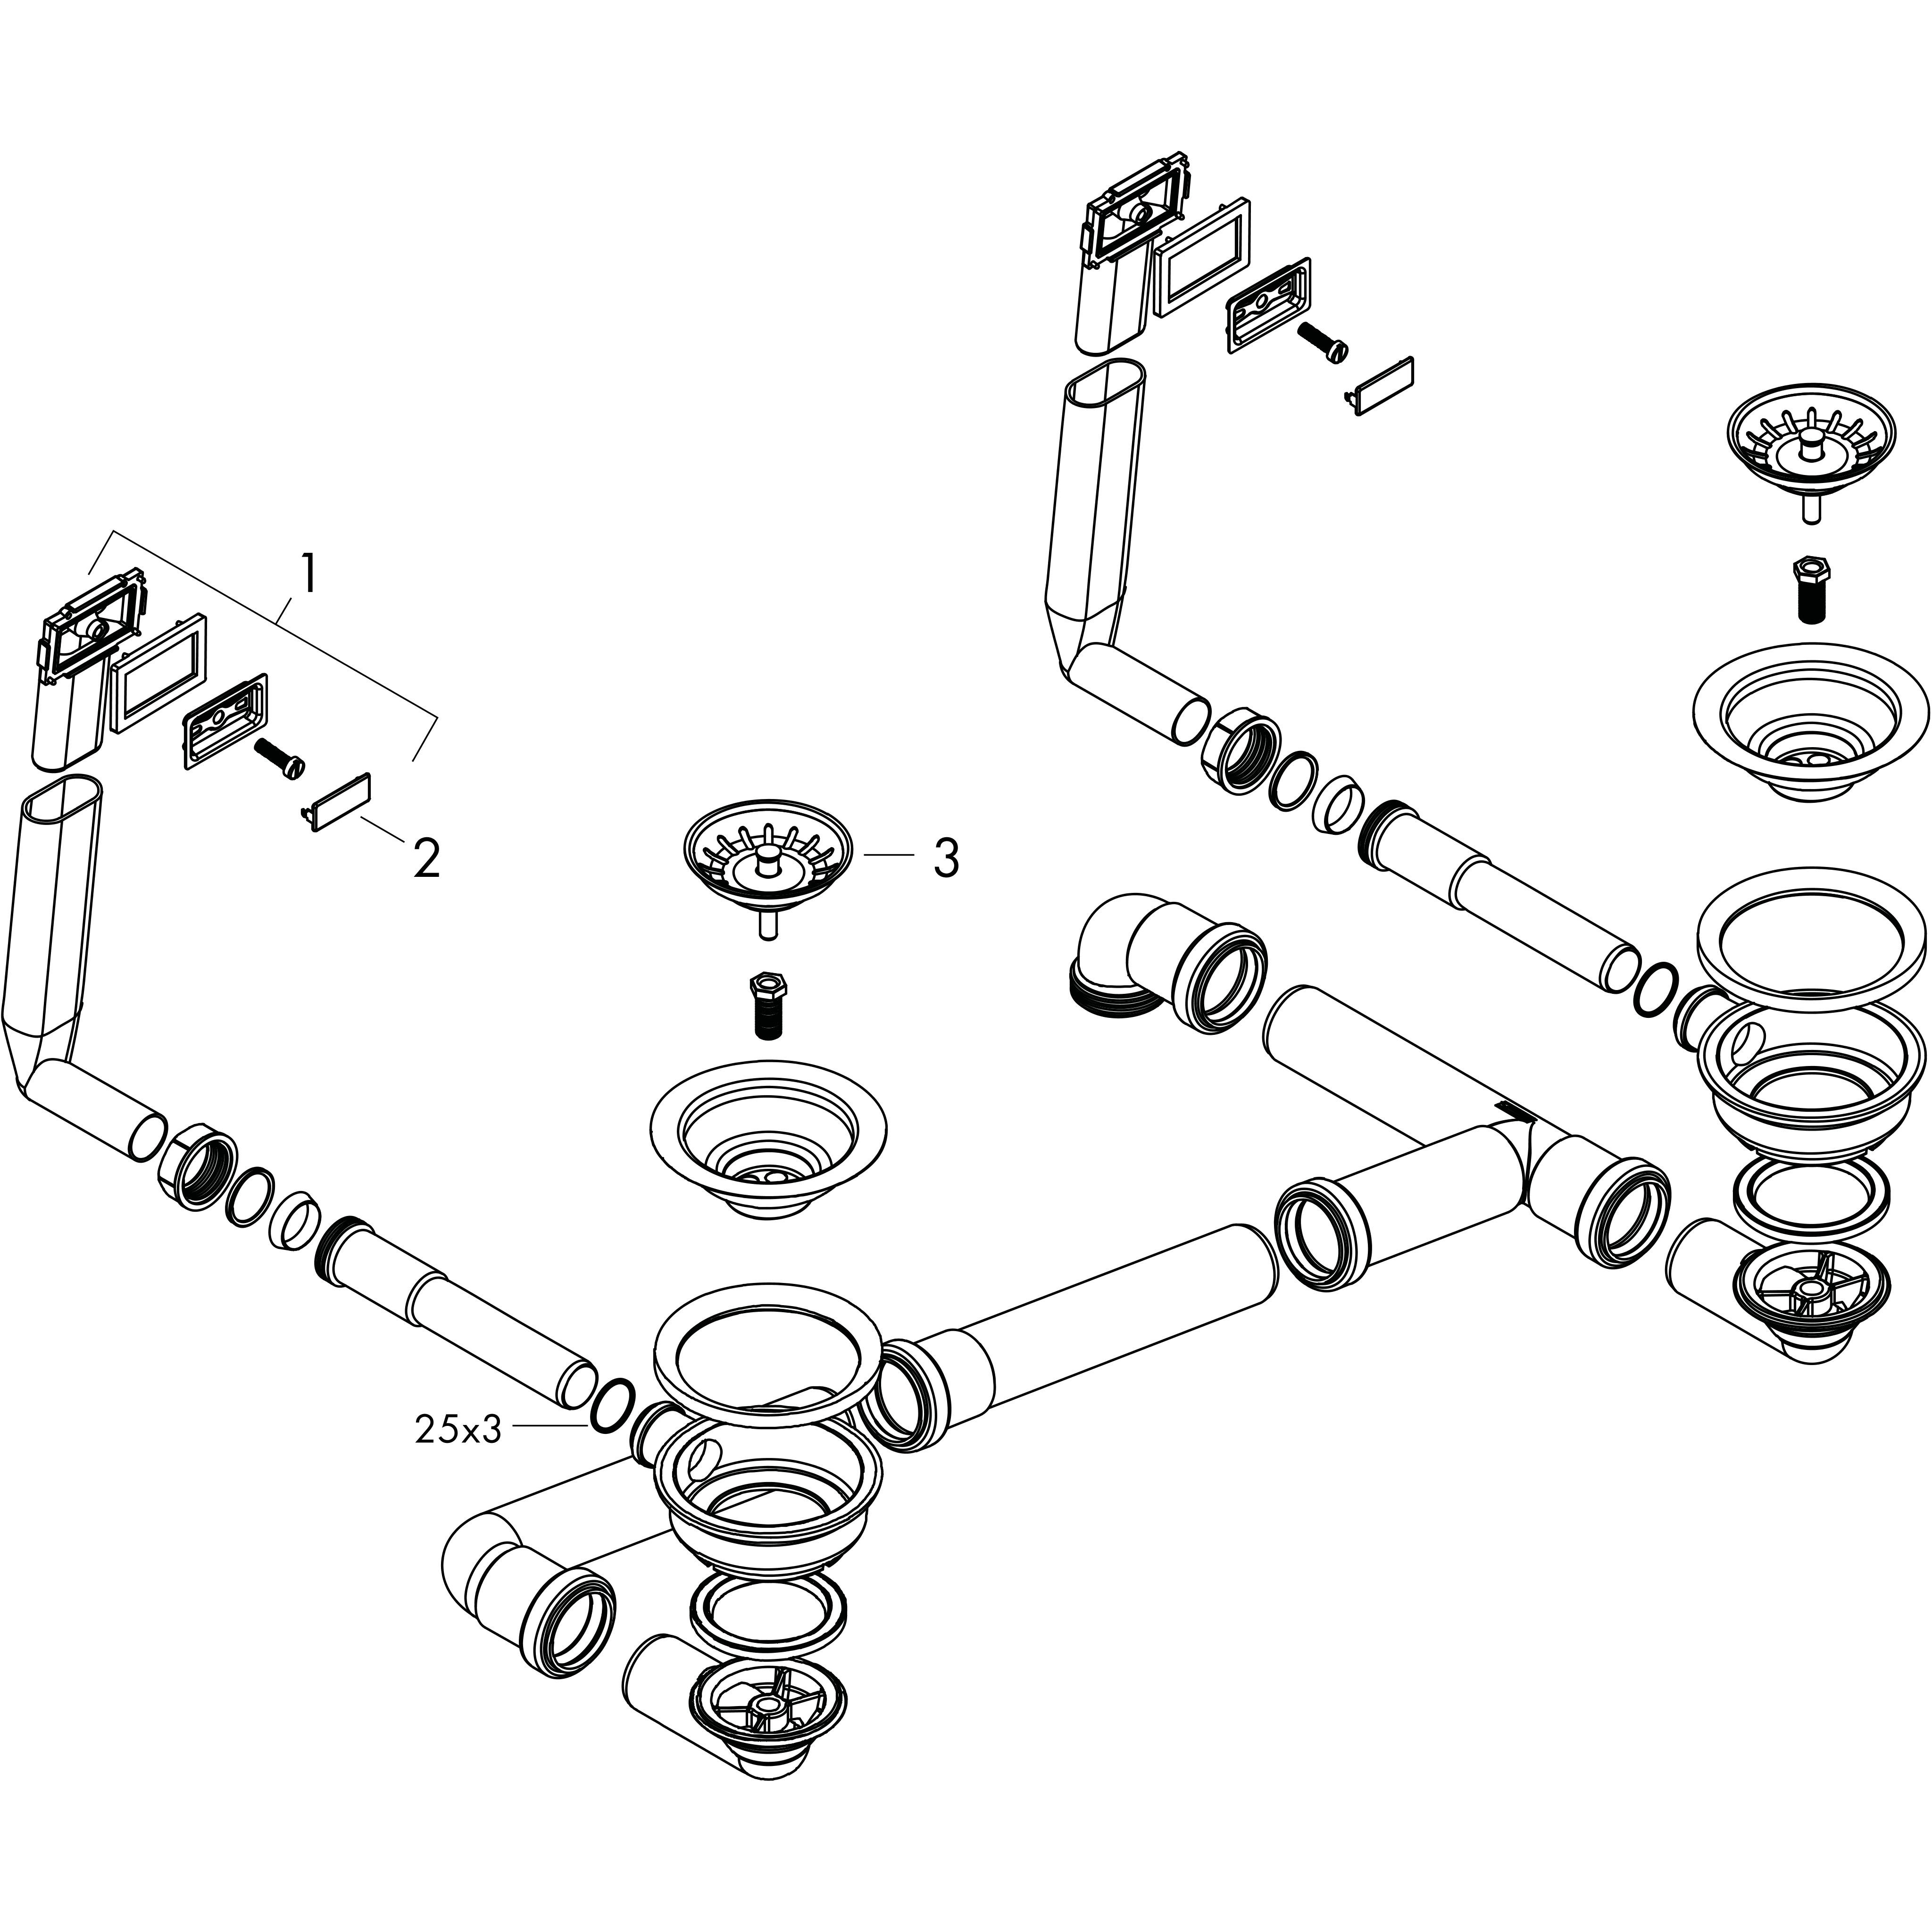 edelstahl D15-10 und /Überlaufgarnitur f/ür Doppelbecken hansgrohe Manuelle Ab